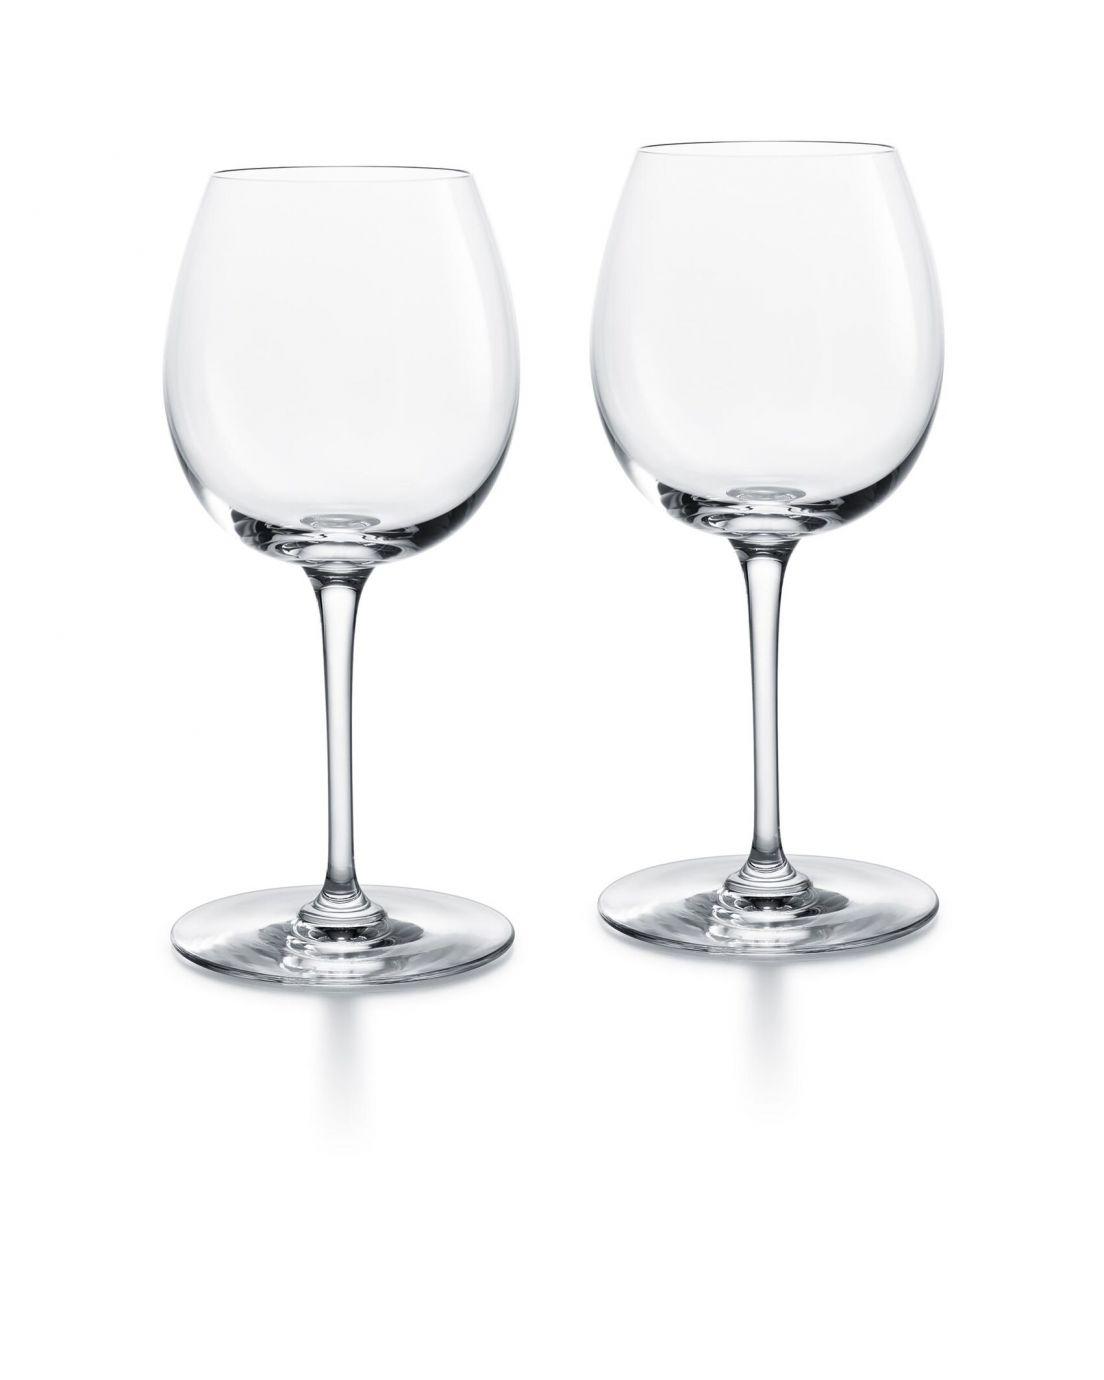 Oenologie Glass Red Bourgogne, Set of 2